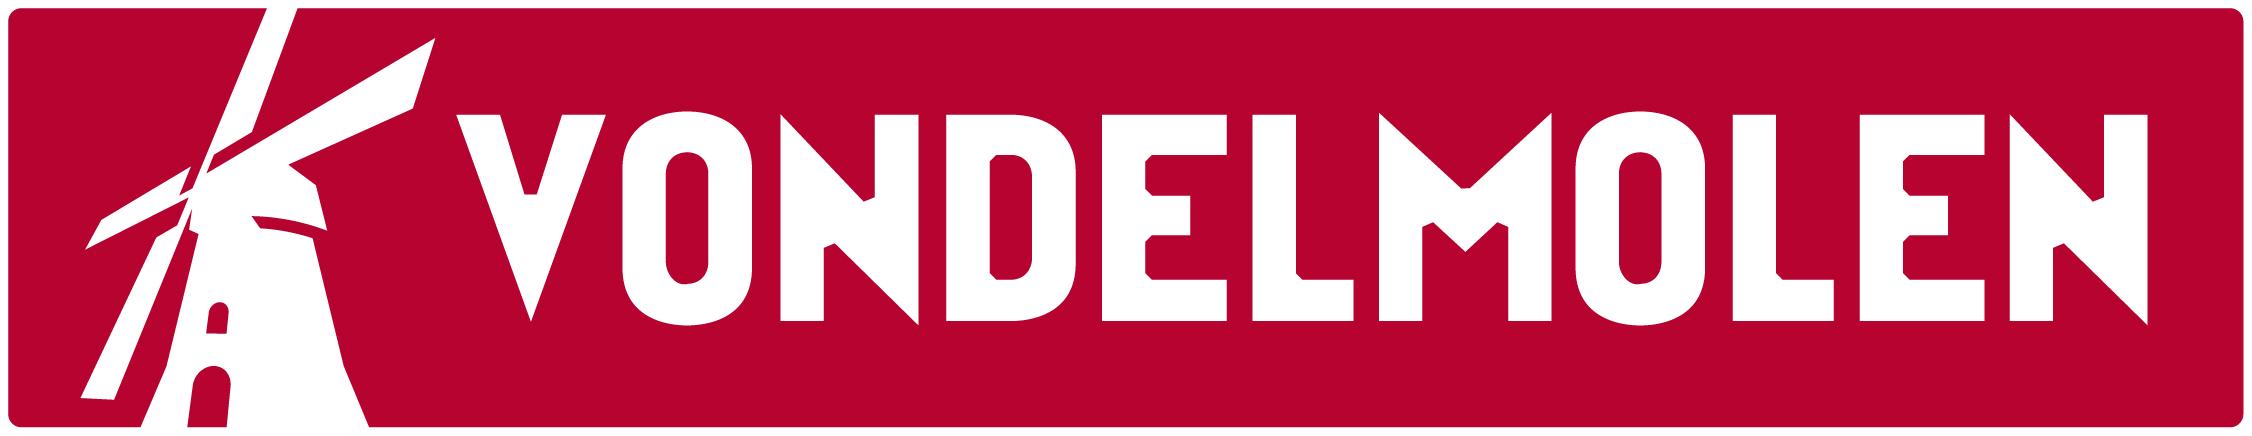 vondelmolen logo